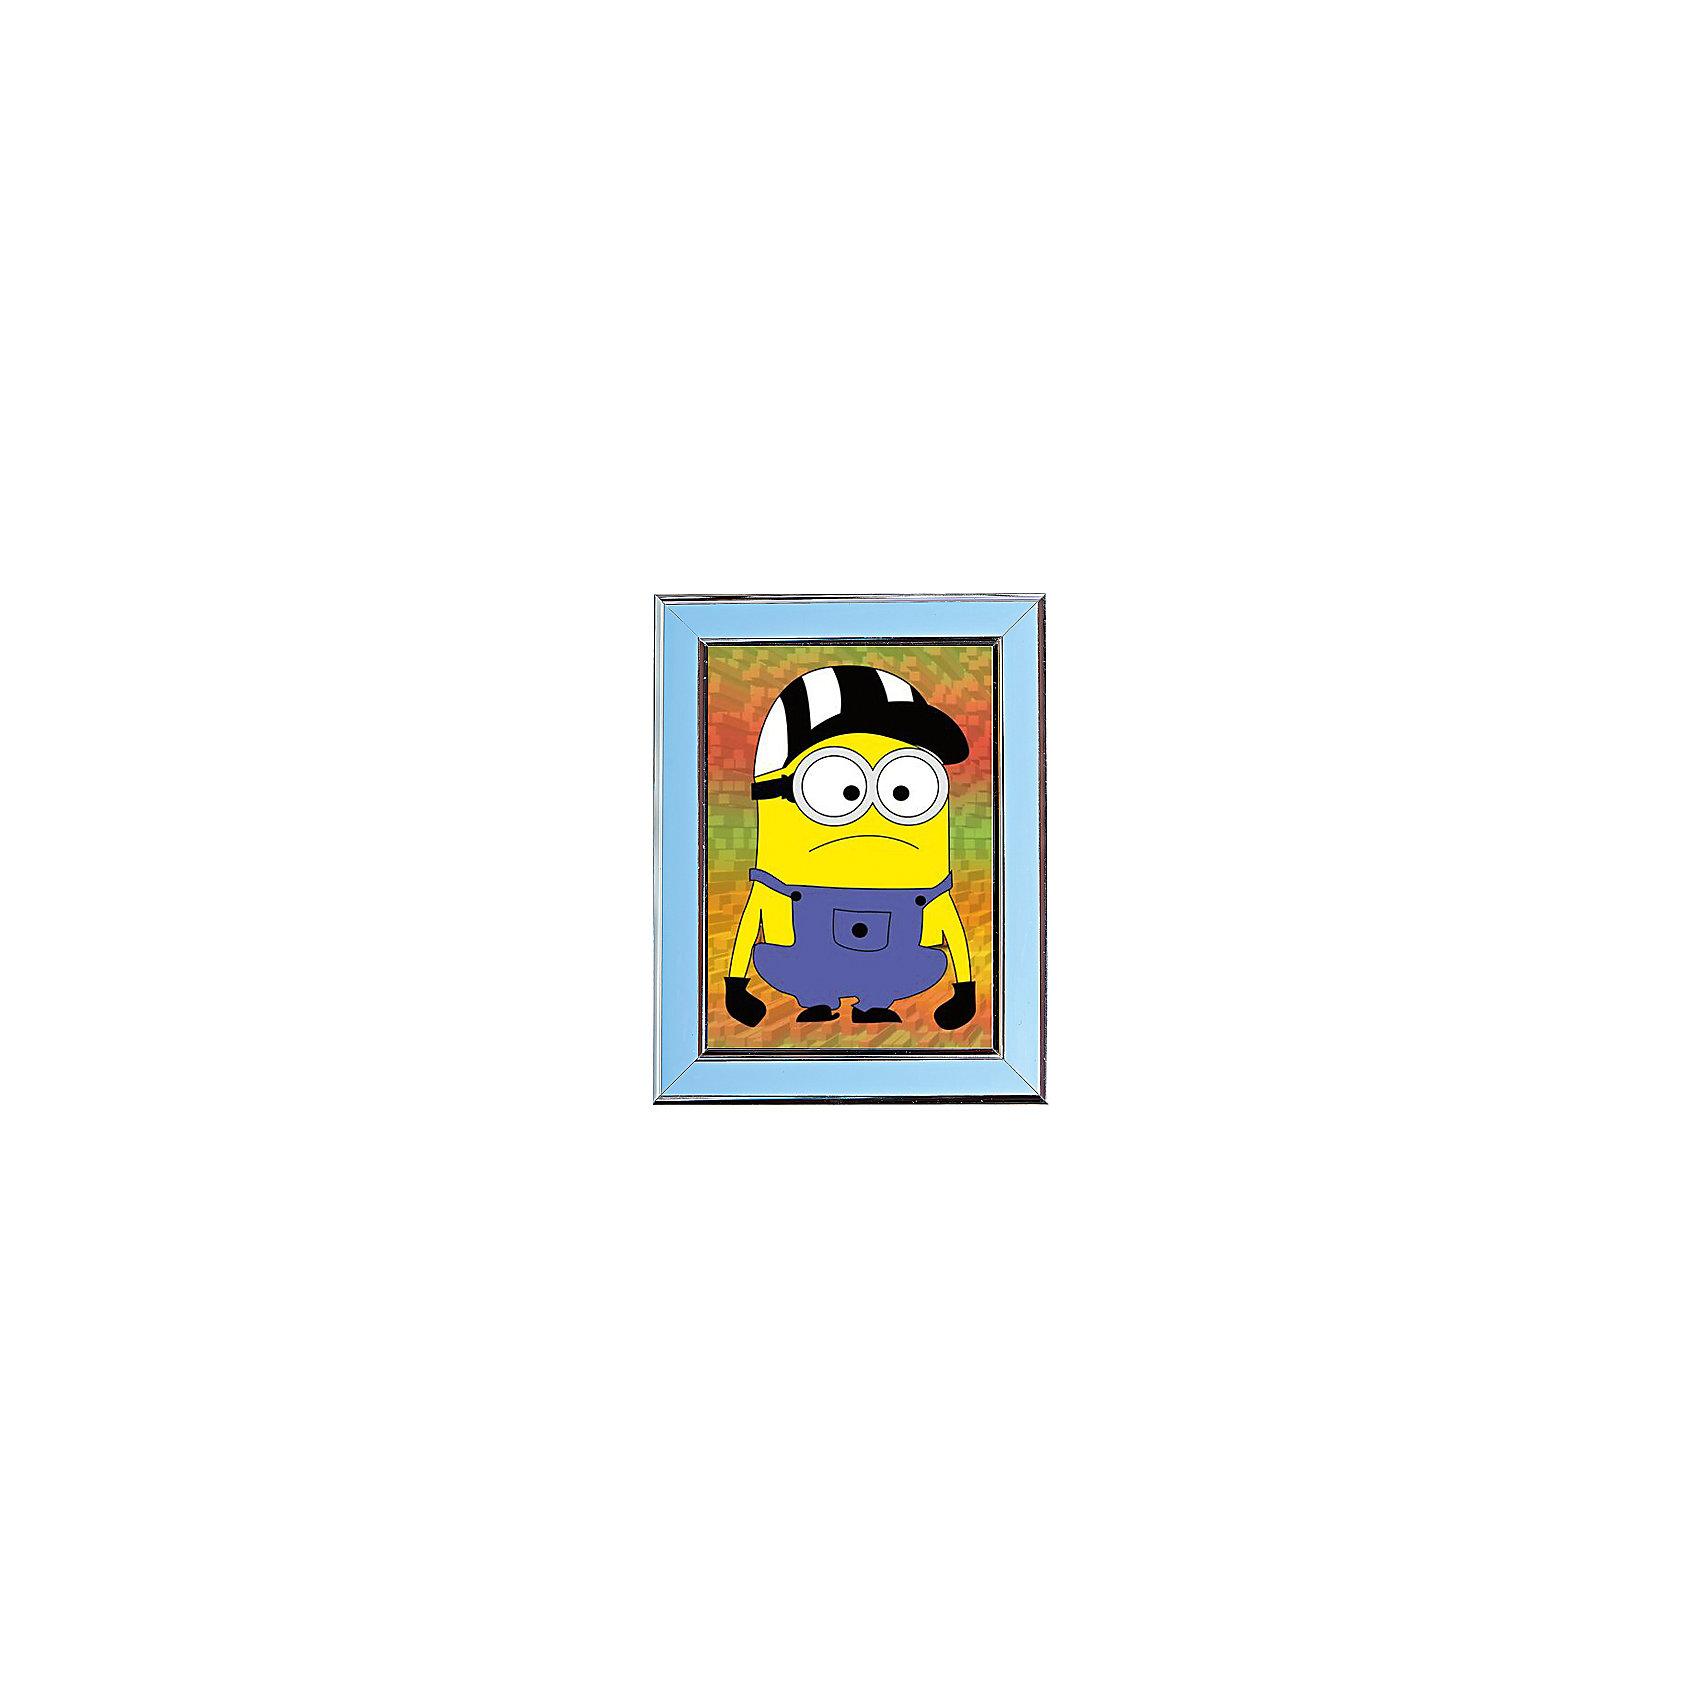 Мозаичная картина Популярный мультикМозаичная картина Популярный мультик. <br><br>Характеристика: <br><br>• Материал: картон, пластик, клей. <br>• Размер картинки: 17х21 см. <br>• Размер мозаичного элемента: 2,5 мм. <br>• Комплектация: контейнер для элементов мозаики, мозаичные элементы, специальный клеевой карандаш, трафарет со схемой рисунка, декоративная пластиковая рамка с оргстеклом. <br>• Яркие, насыщенные цвета. <br>• Отлично развивает моторику рук, внимание, мышление и воображение. <br><br>Создание картины из мозаики - увлекательное и полезное занятие, в процессе которого ребенок сможет развить моторику рук, внимание, усидчивость, цветовосприятие и воображение. В этом наборе уже есть все для создания маленького шедевра! Нужно лишь приклеить мозаичные элементы на основу с нанесенным контуром - и яркая картинка готова.<br><br>Мозаичную картину Популярный мультик можно купить в нашем магазине.<br><br>Ширина мм: 200<br>Глубина мм: 225<br>Высота мм: 30<br>Вес г: 250<br>Возраст от месяцев: 84<br>Возраст до месяцев: 36<br>Пол: Унисекс<br>Возраст: Детский<br>SKU: 5417619